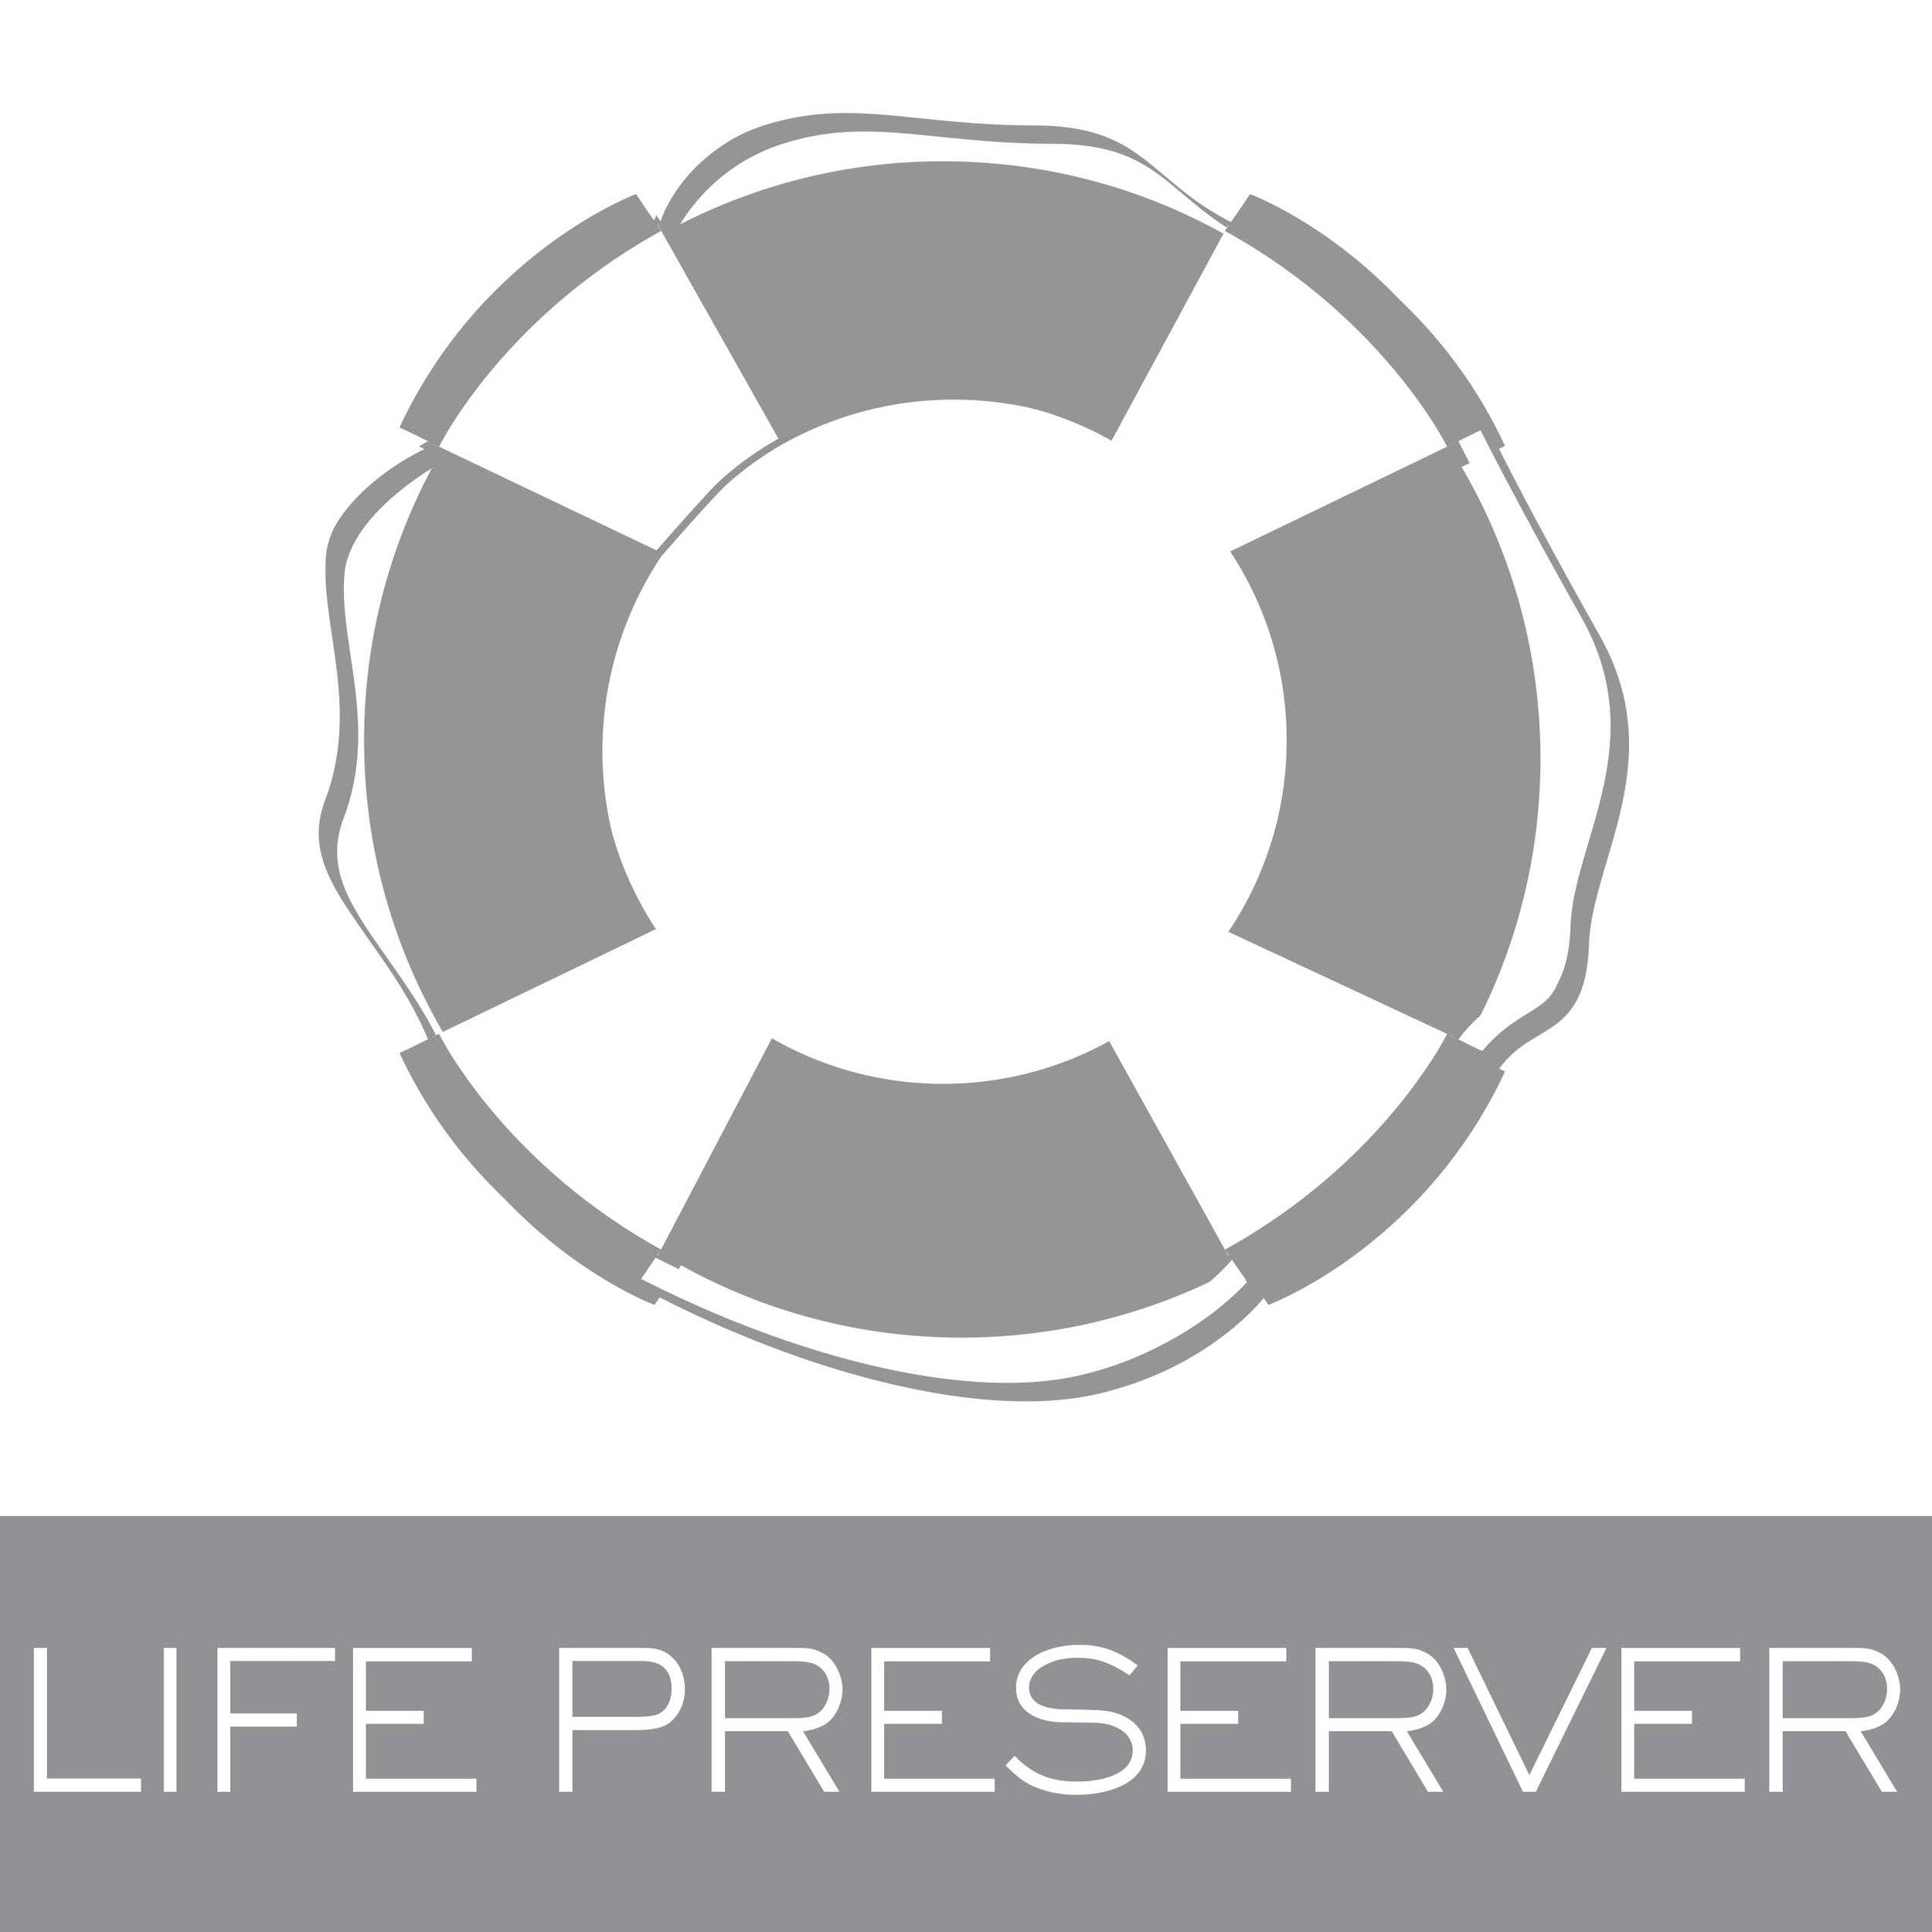 lifepreserver.jpg